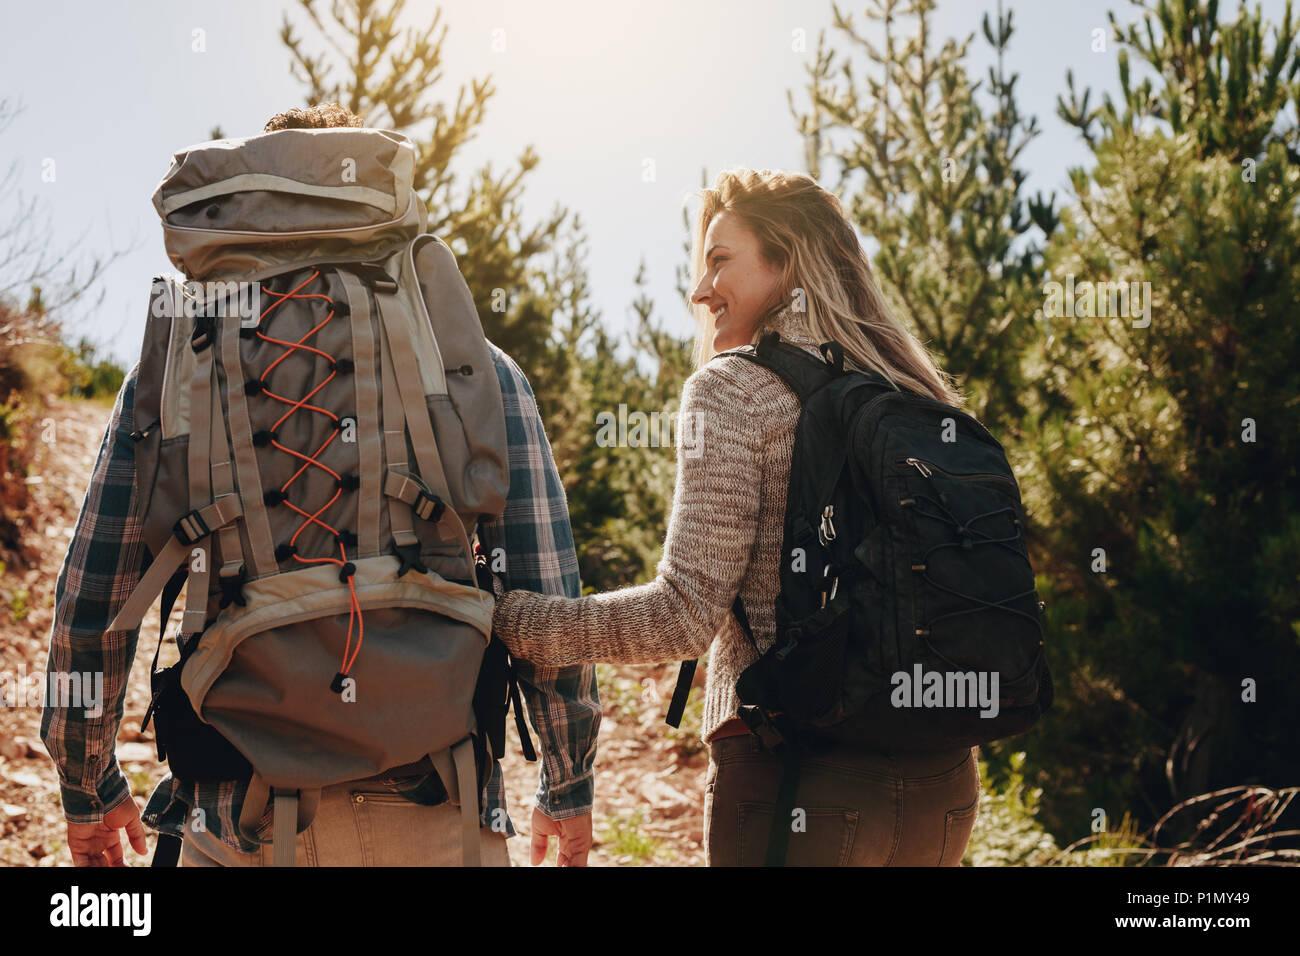 Vista trasera de la pareja de jóvenes senderismo. El hombre y la mujer joven con sus mochilas senderismo en la montaña. Imagen De Stock